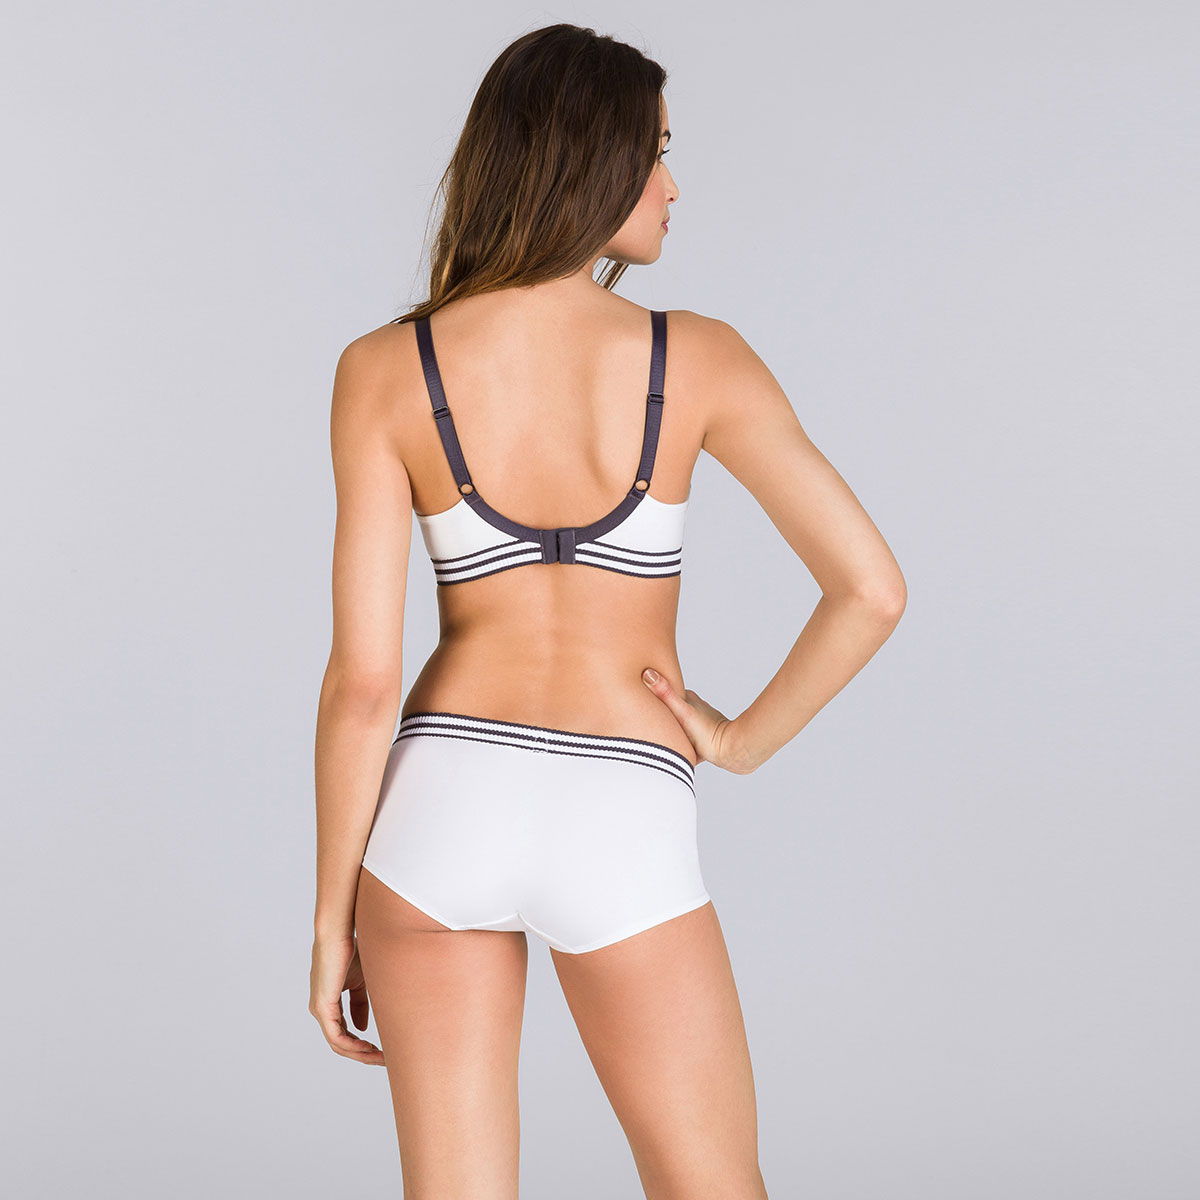 Soutien-gorge sans armatures blanc & gris - Sporty Chic-PLAYTEX